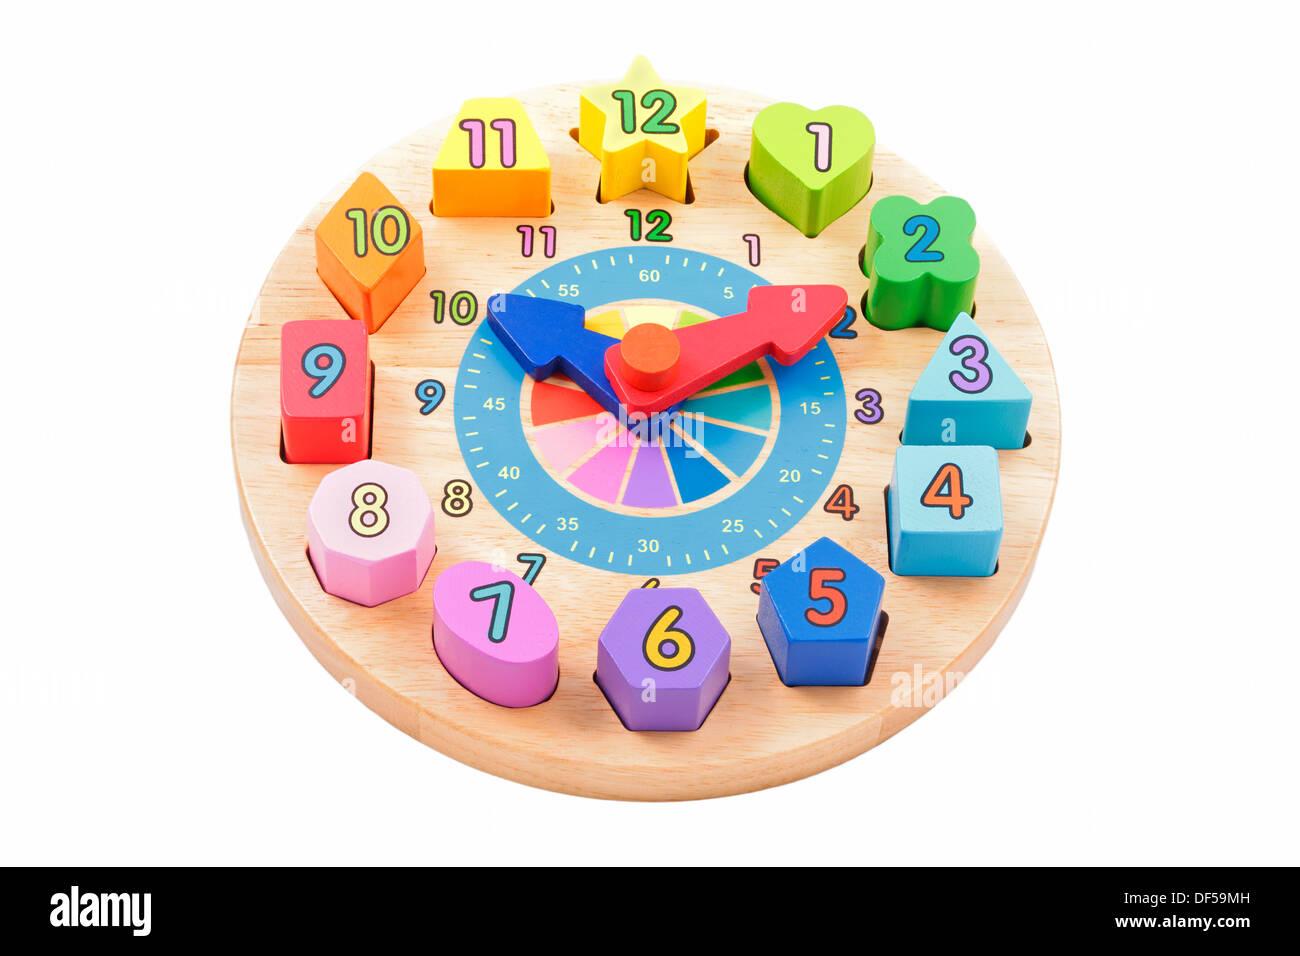 Bambino giocattolo orologio in legno con colorati numero di forme su sfondo bianco Immagini Stock